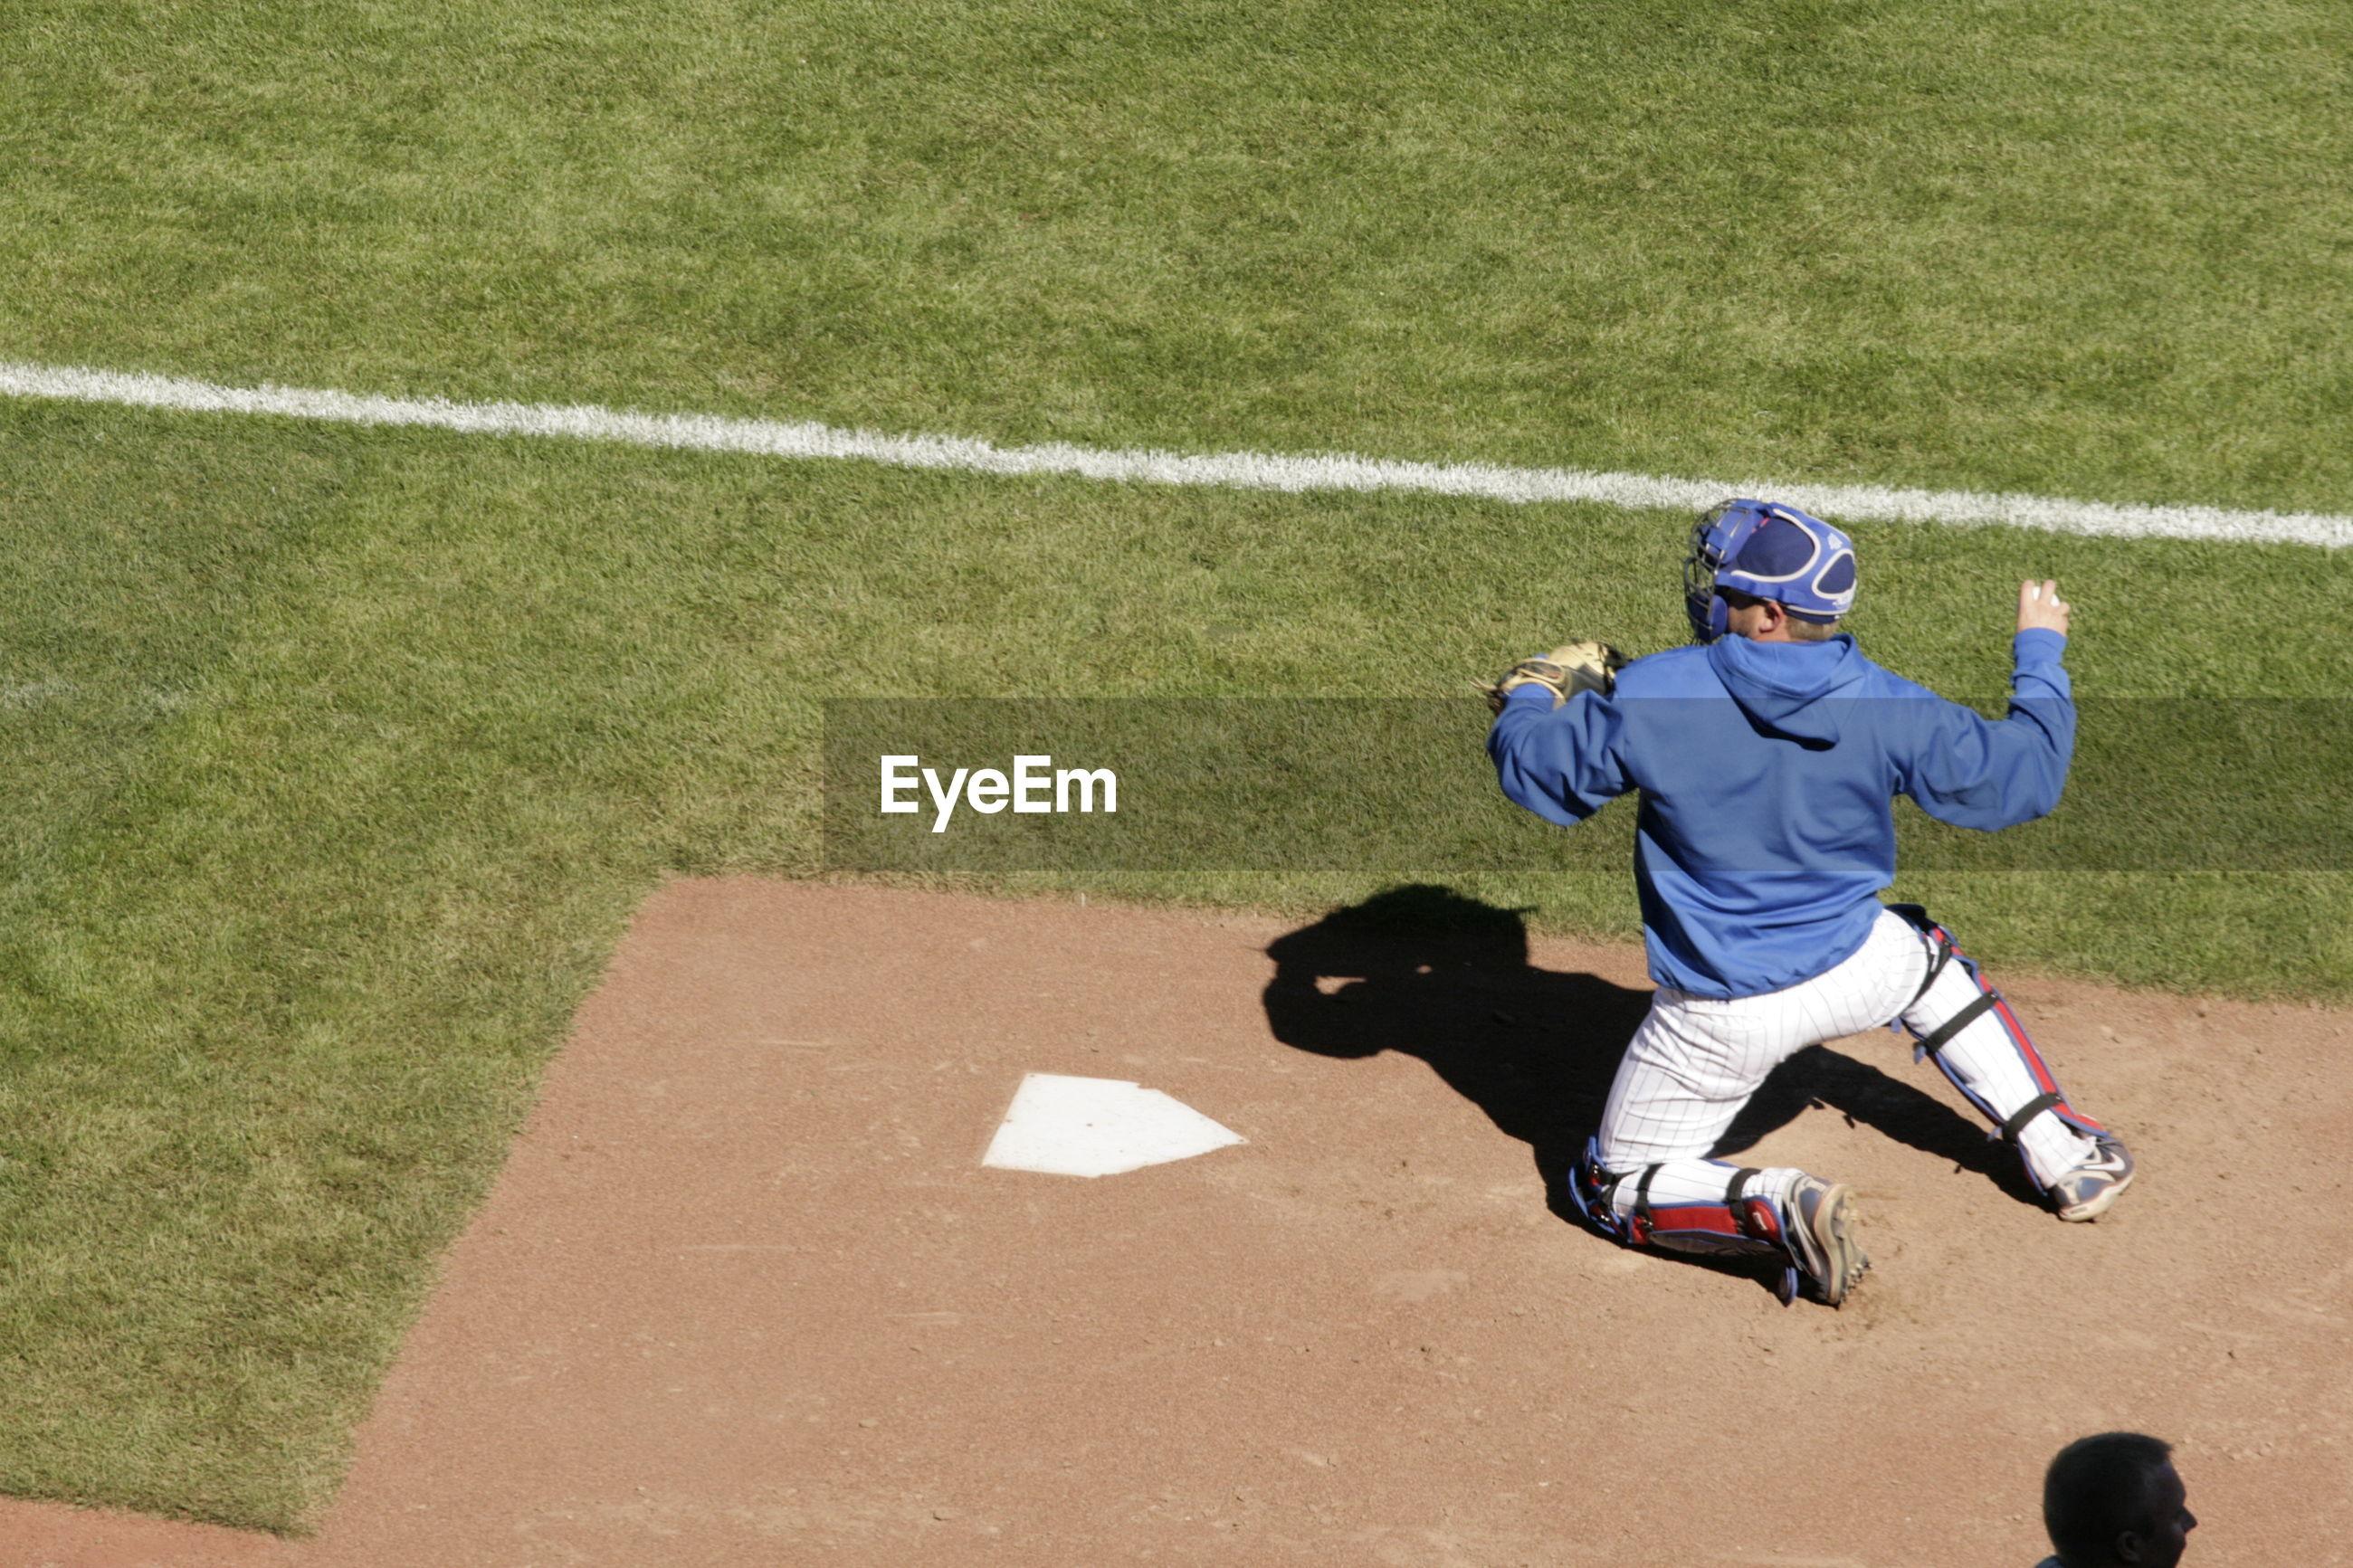 High angle view of baseball player